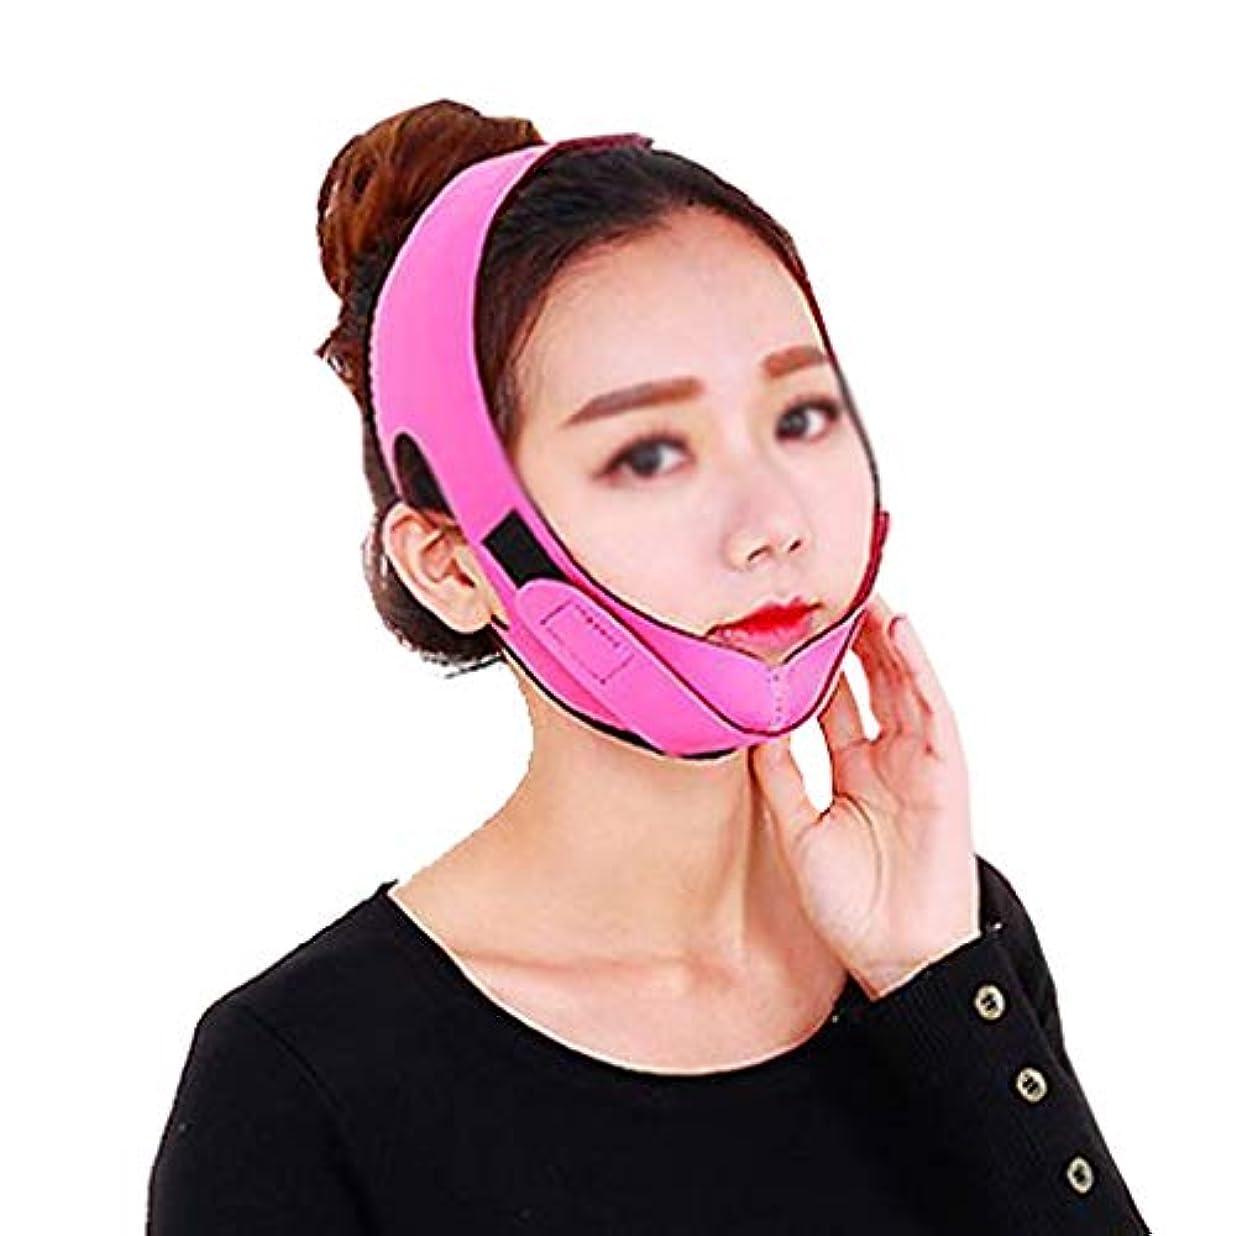 ひどい本当に提供するZWBD フェイスマスク, フェイスリフトマスクアーティファクトフェイスリフティング包帯男性と女性フェイスリフティング器具スモールVフェイス包帯リフティングダブルチンフェイス